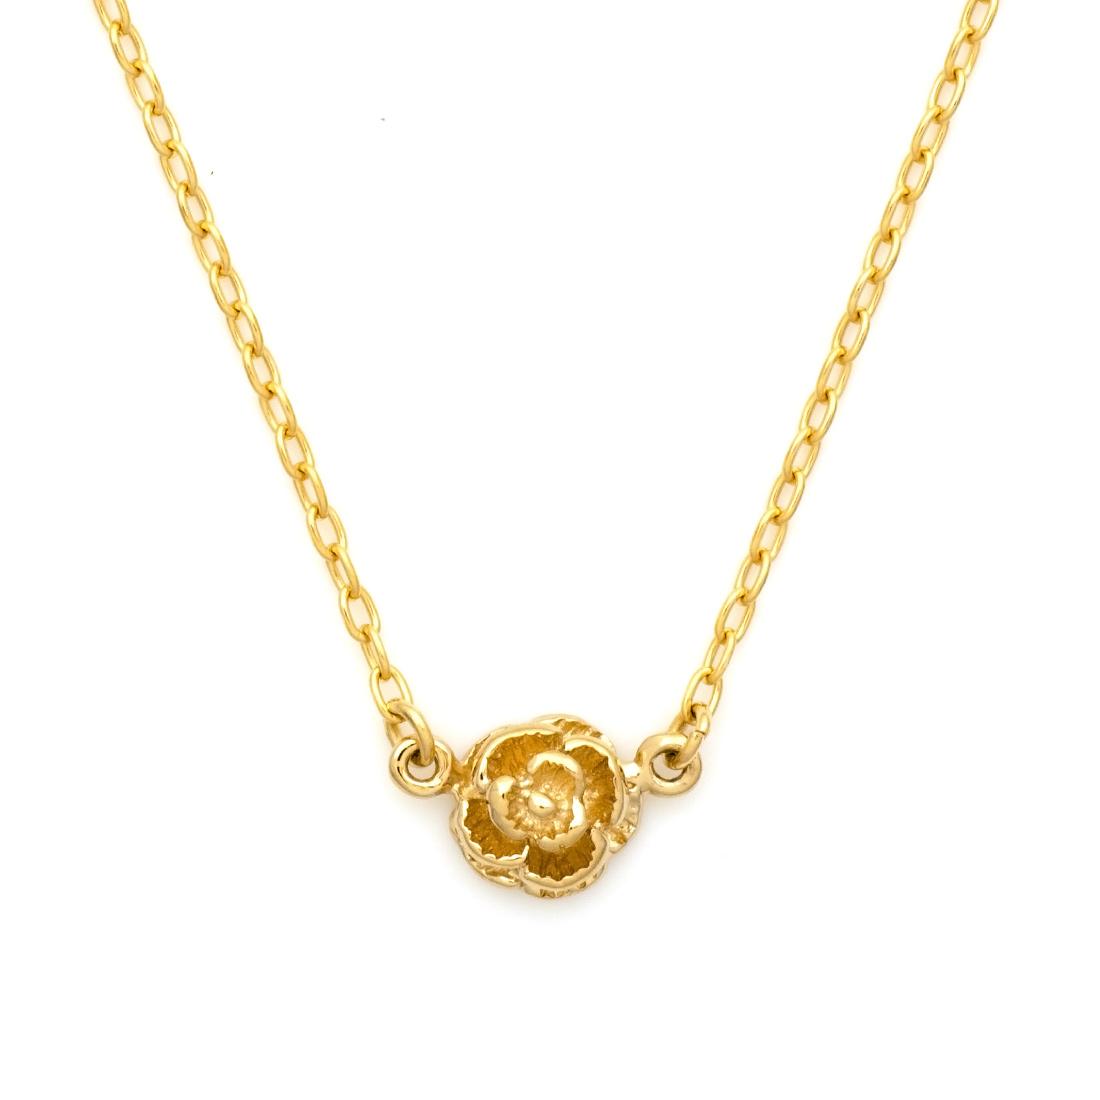 【GWクーポン配布中】ネックレス バラモチーフ 「rosa」 ゴールド K18 送料無料